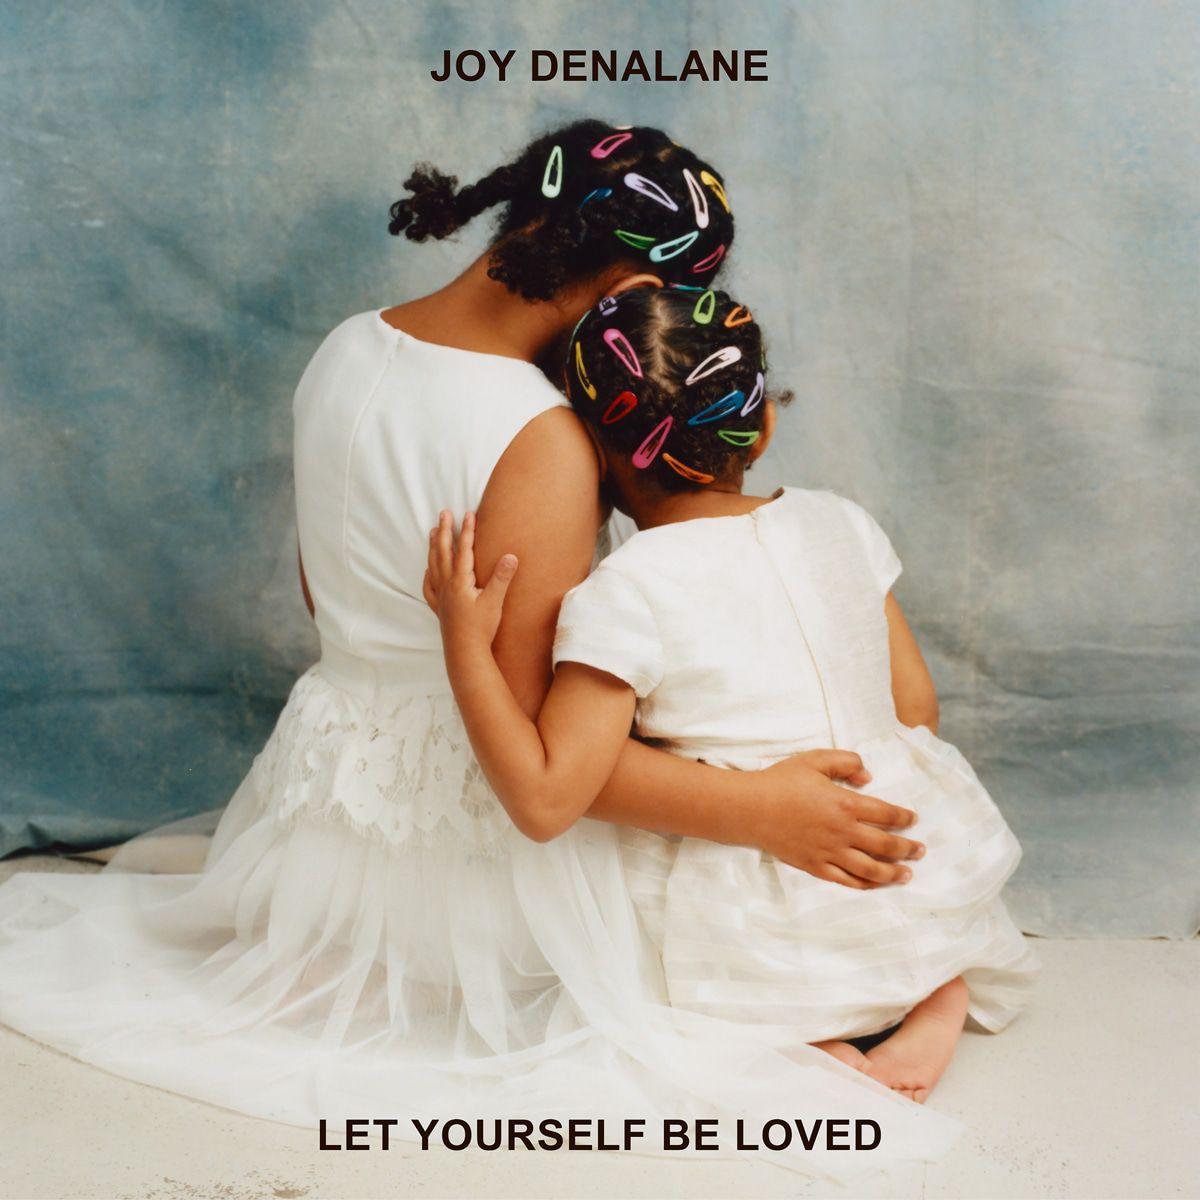 Joy Denalane landet bei Motown: Folgt jetzt die Weltkarriere?